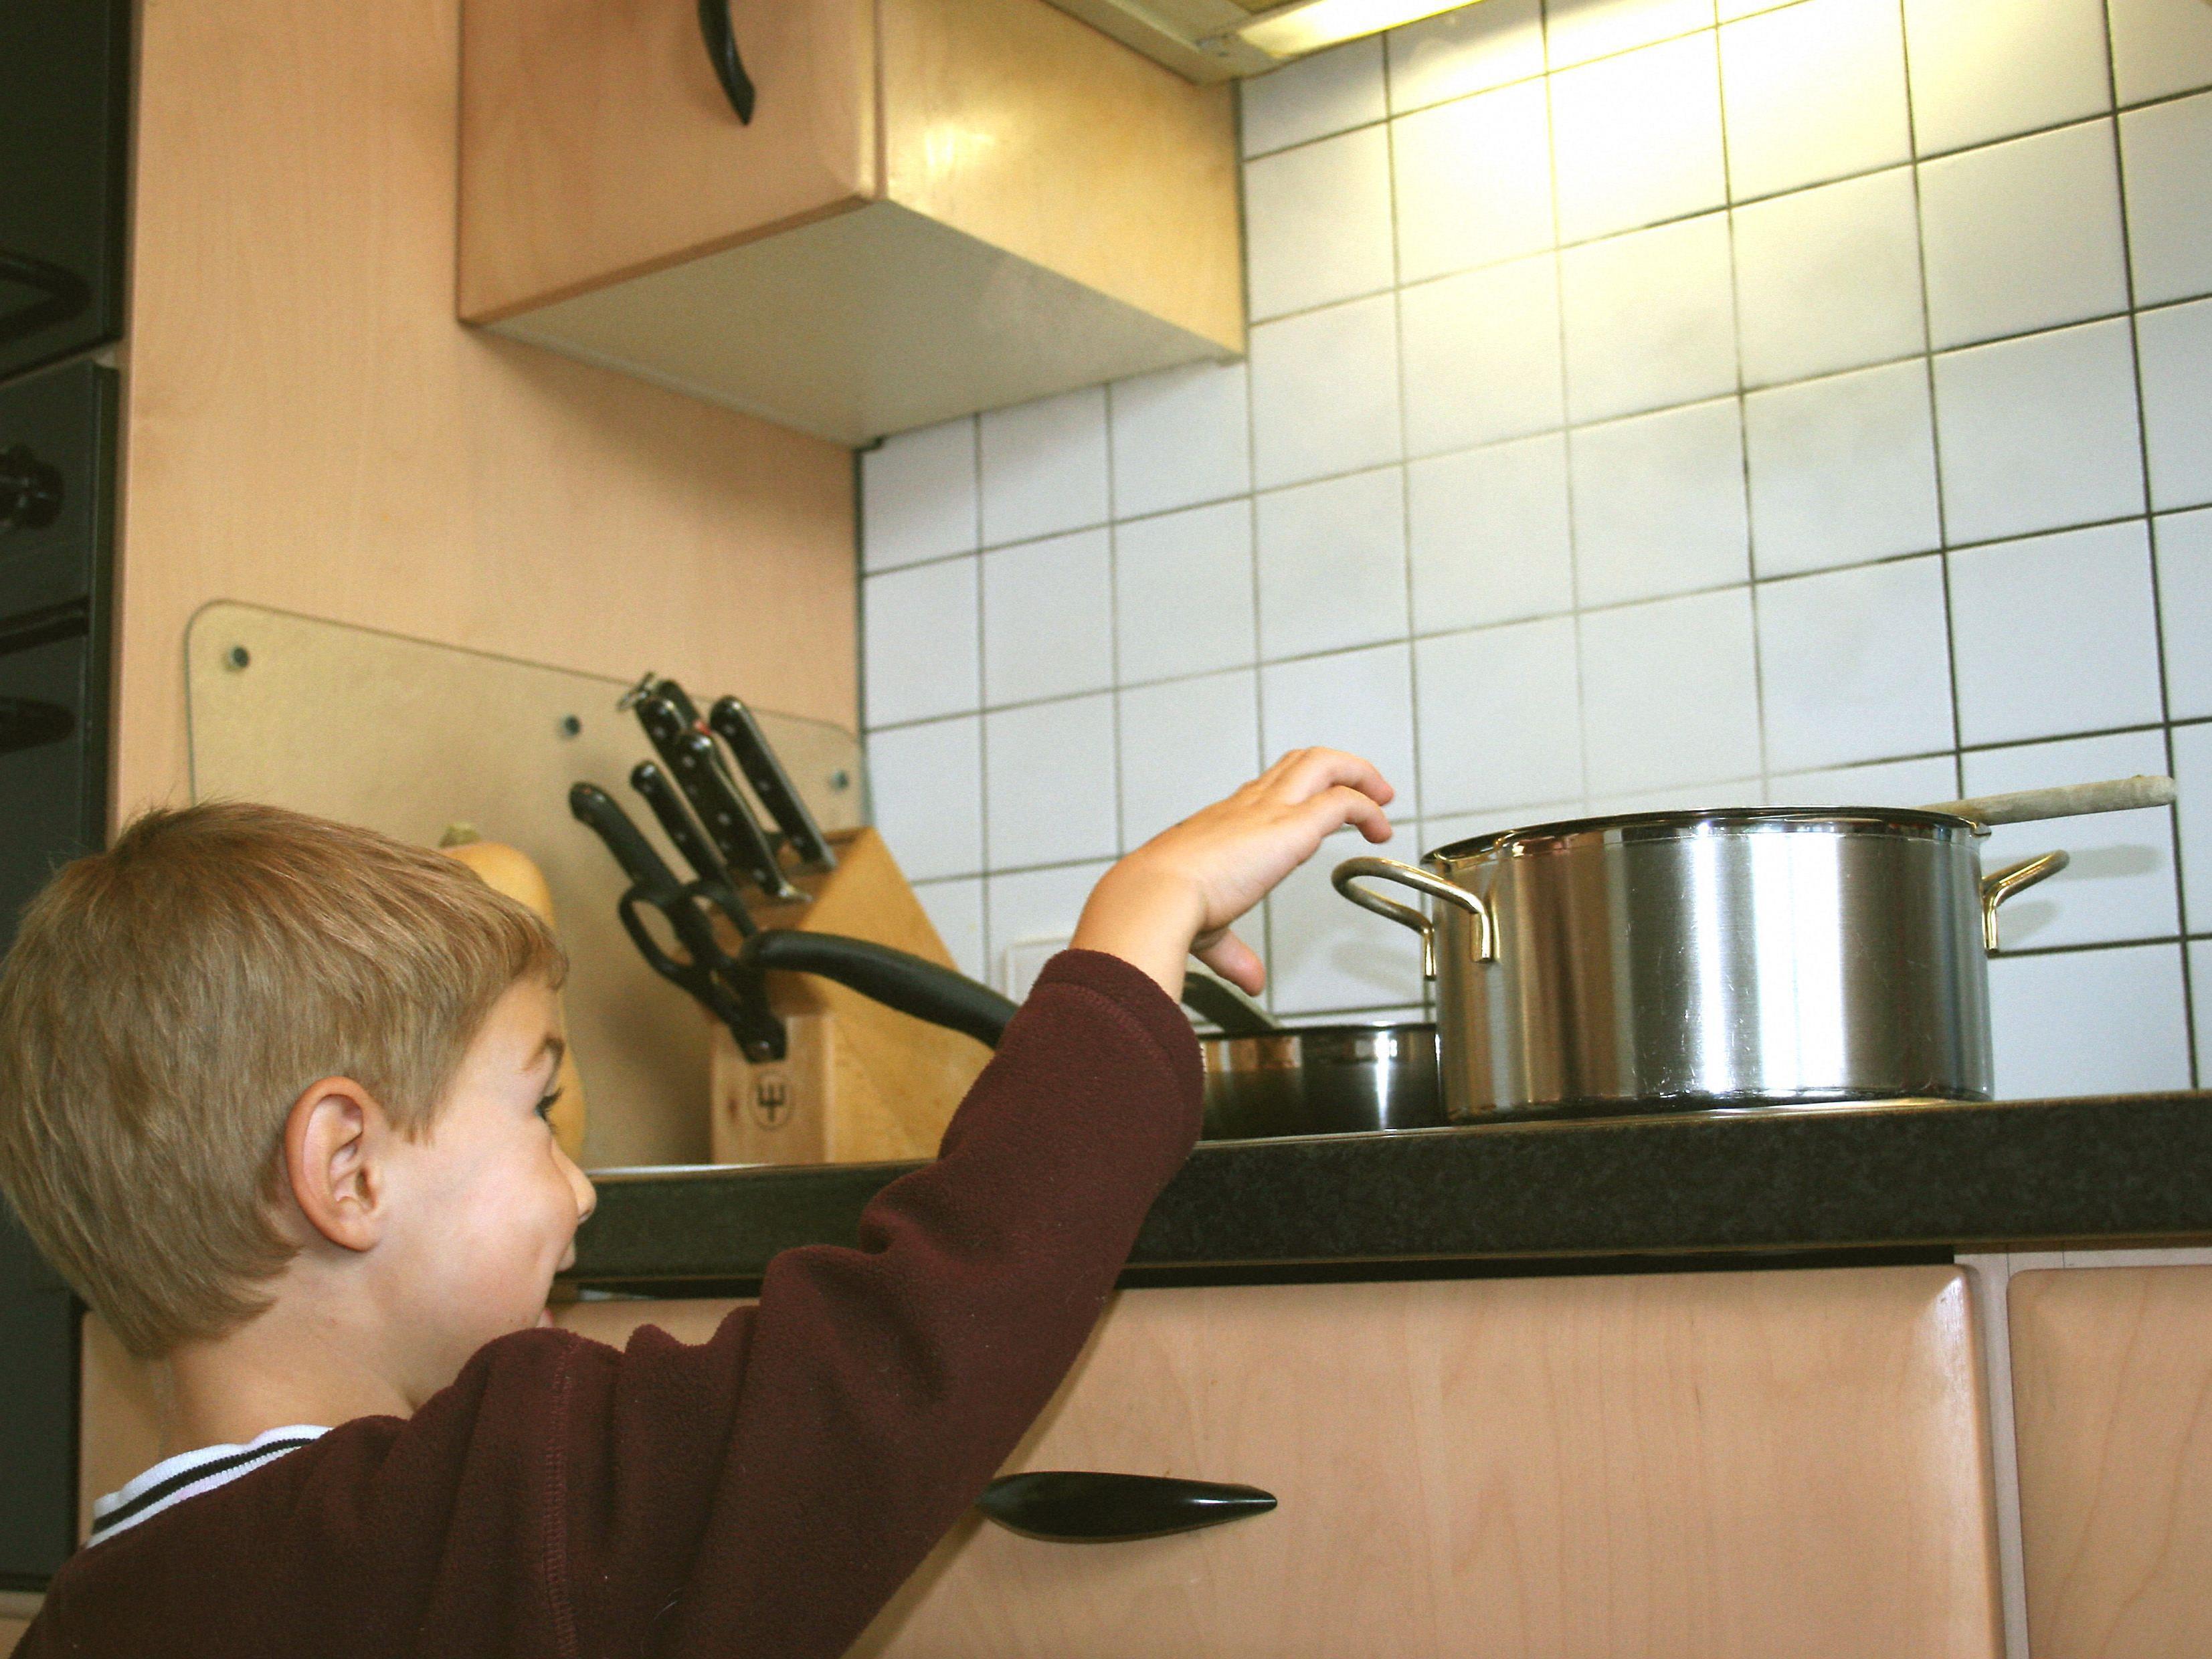 Der 4-Jährige wollte vermutlich nur experimentieren.